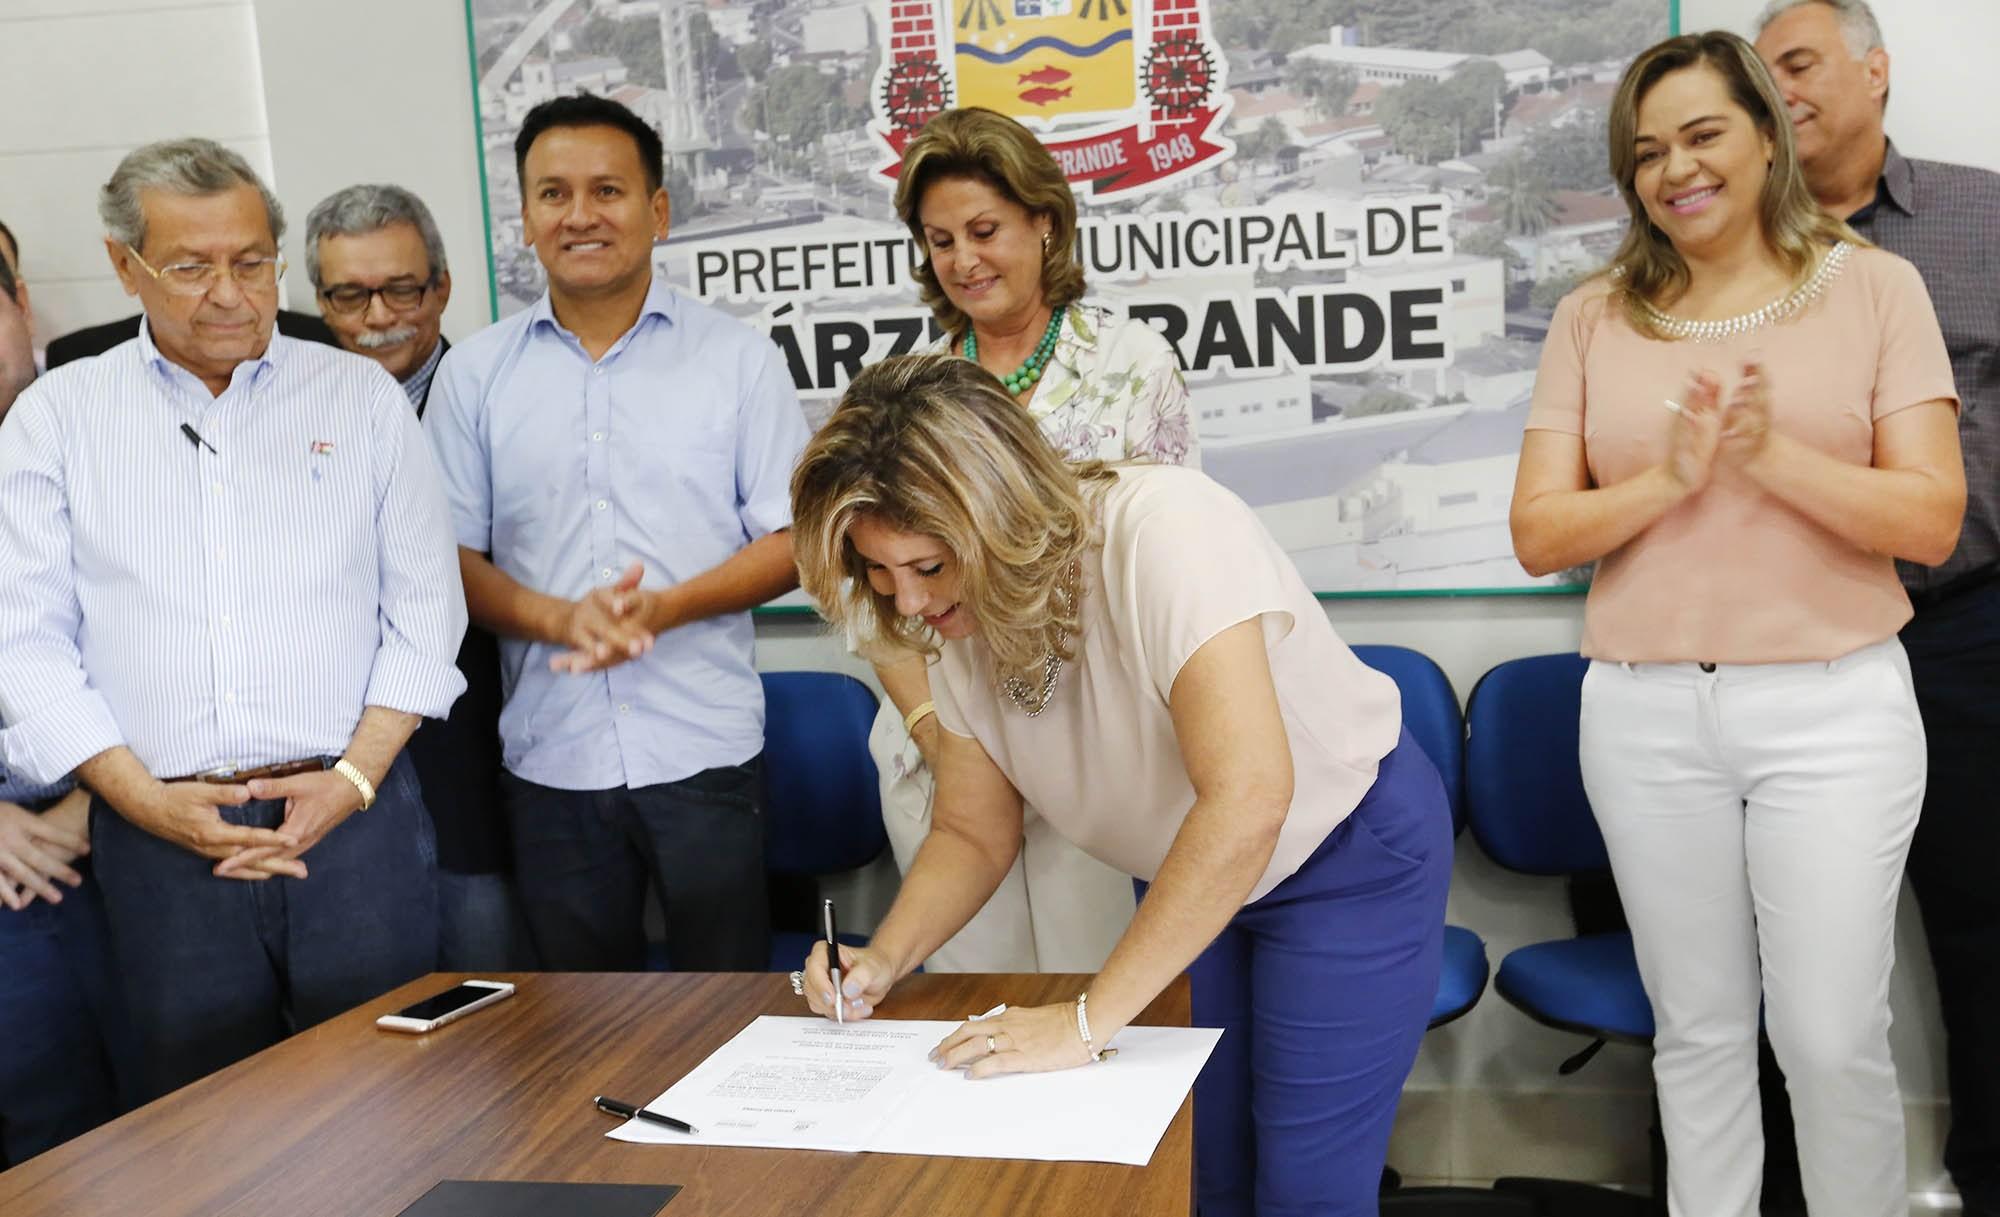 Prefeitura e Banco do Brasil assinam convênio para ação social